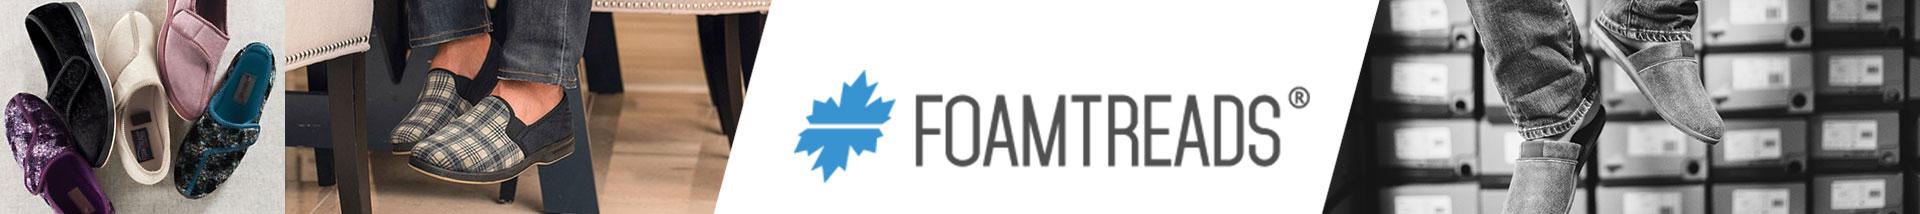 Foamtreads